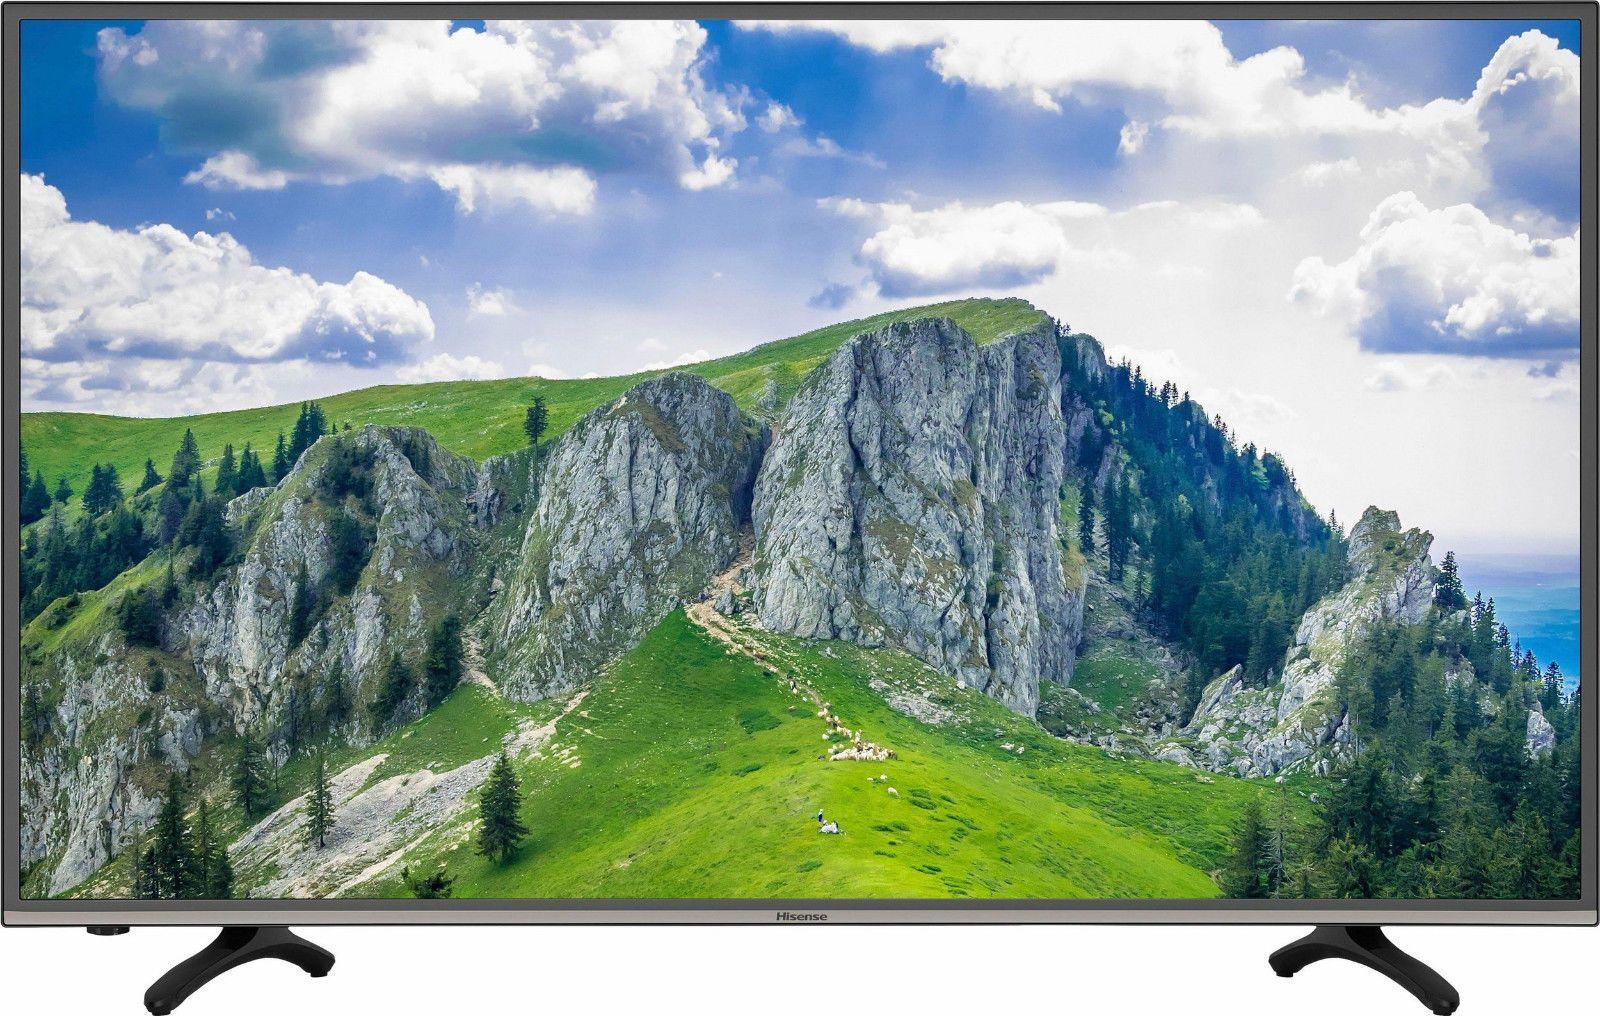 Hisense H49mec3050 Led Fernseher 123 Cm 49 Zoll 2160p 4k Ultra Hd Smart Tv Eek Asparen25 Com Sparen25 De Sparen Led Fernseher Fernseher Tv Fernseher